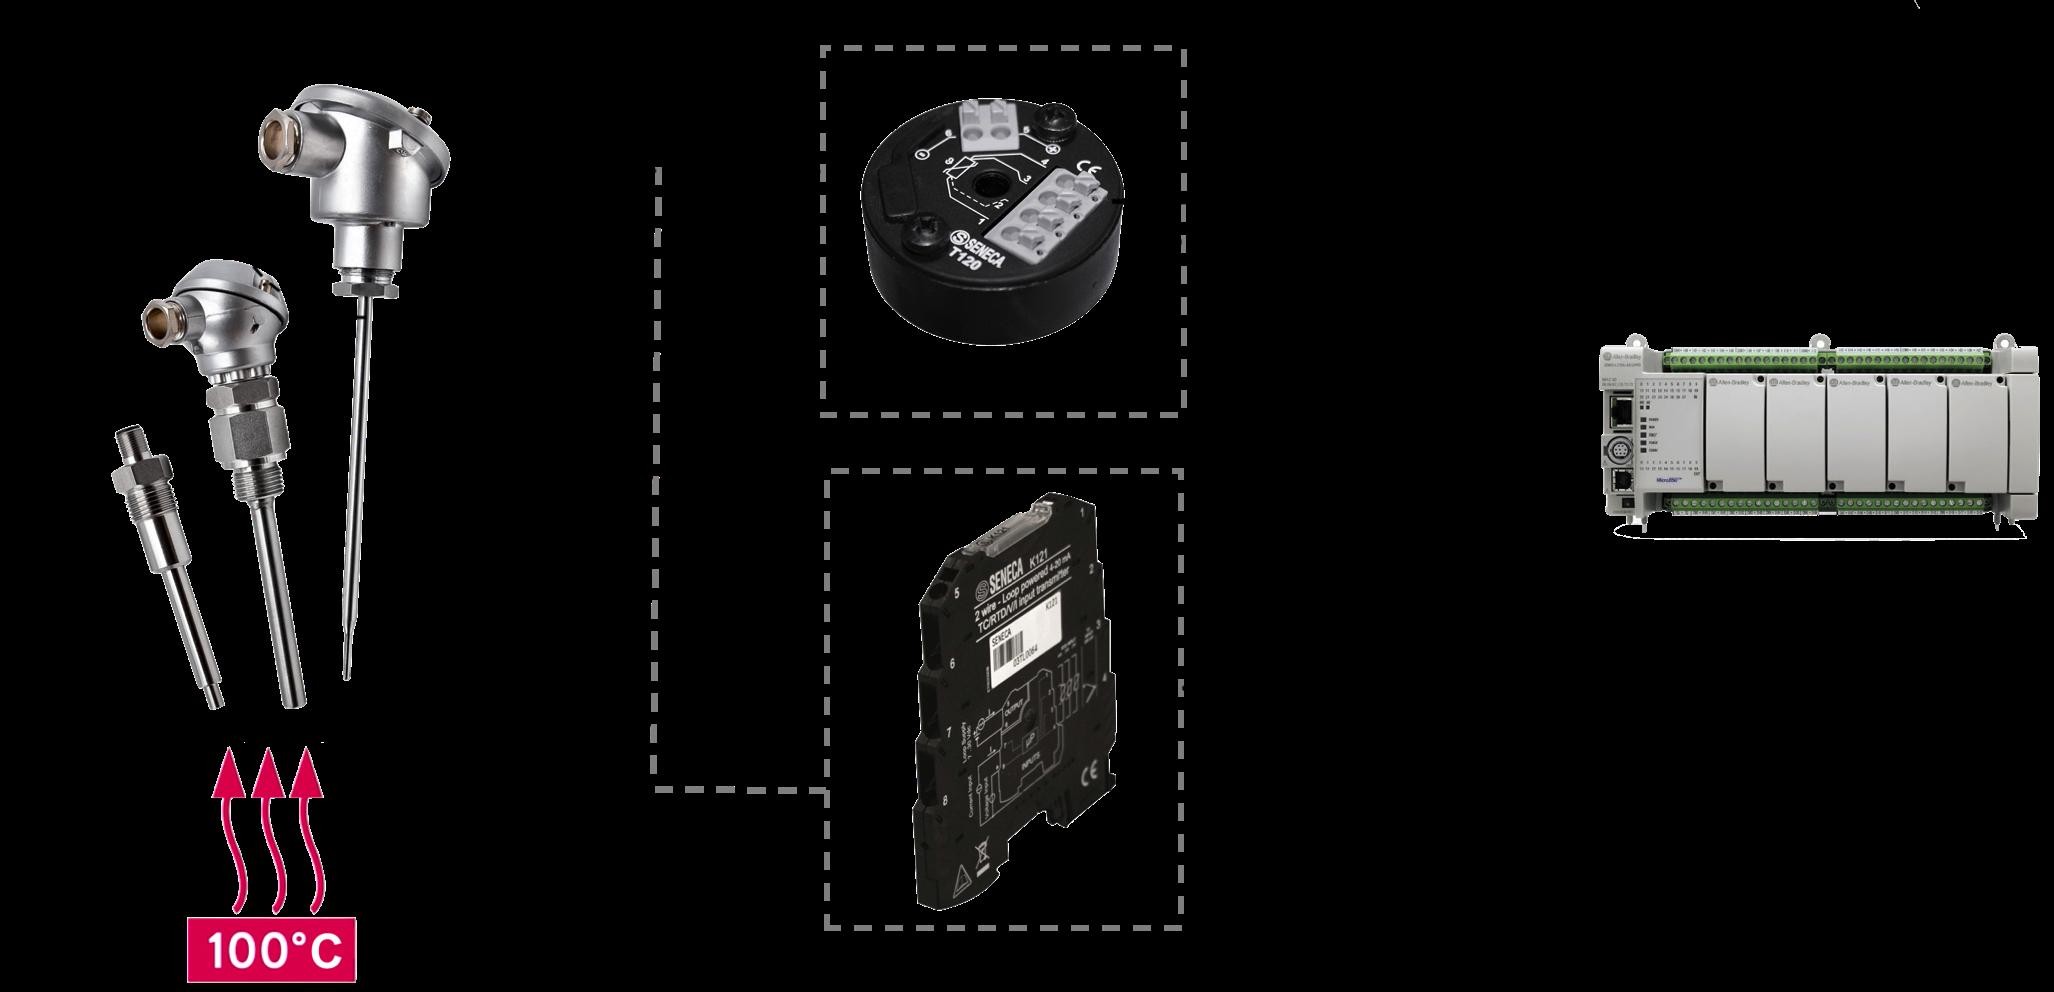 vai trò của bộ chuyển đổi nhiệt độ pt100